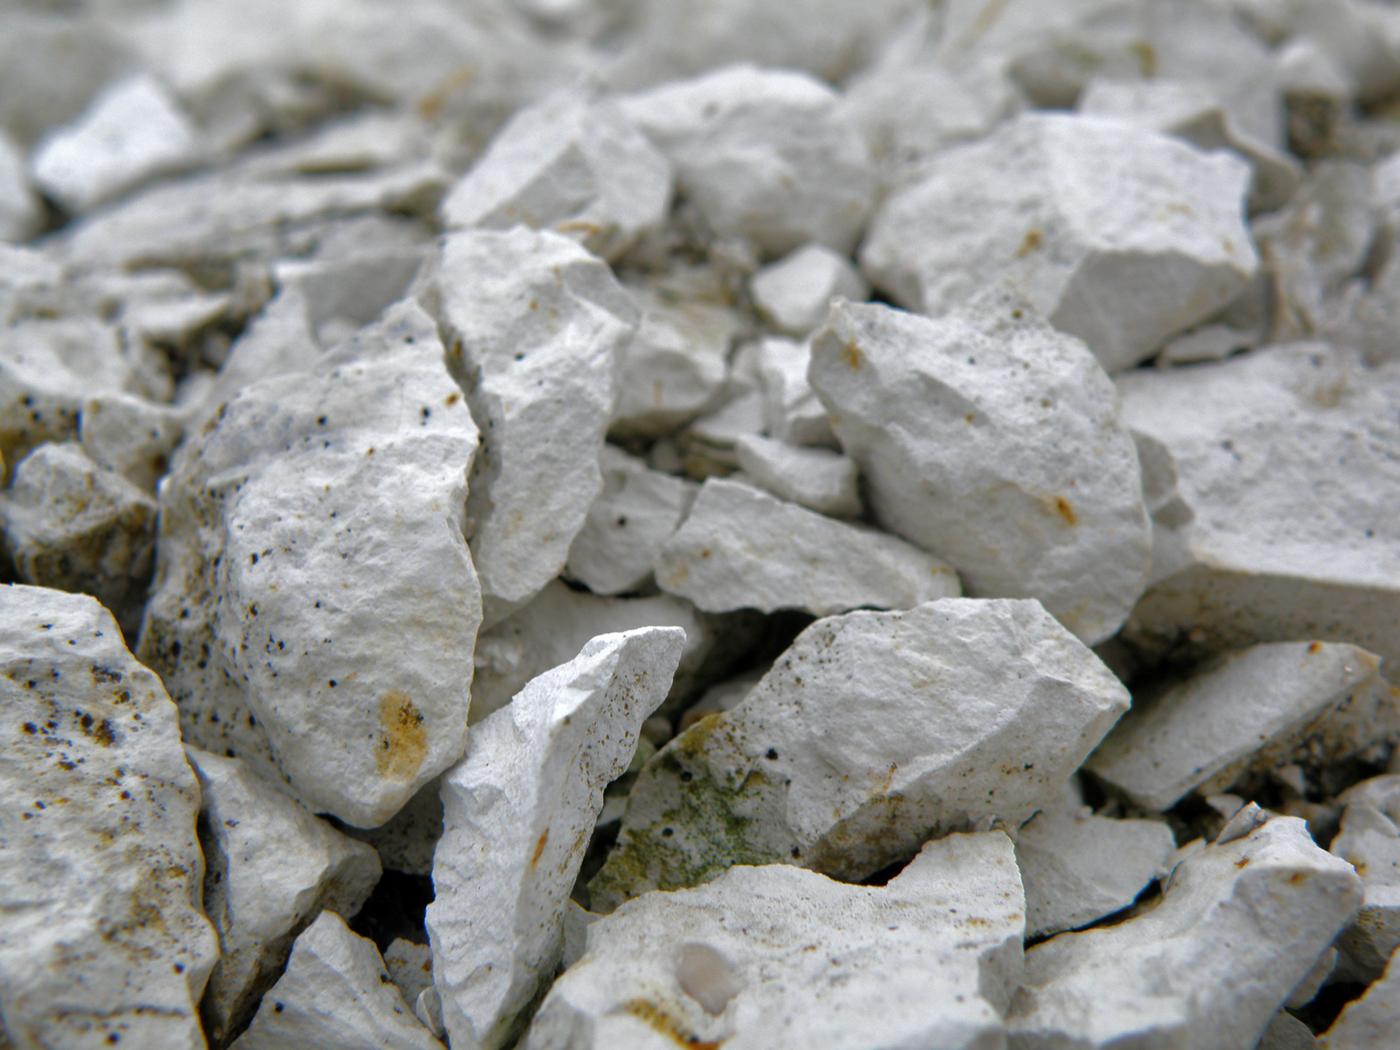 белый цвет в залежах мела